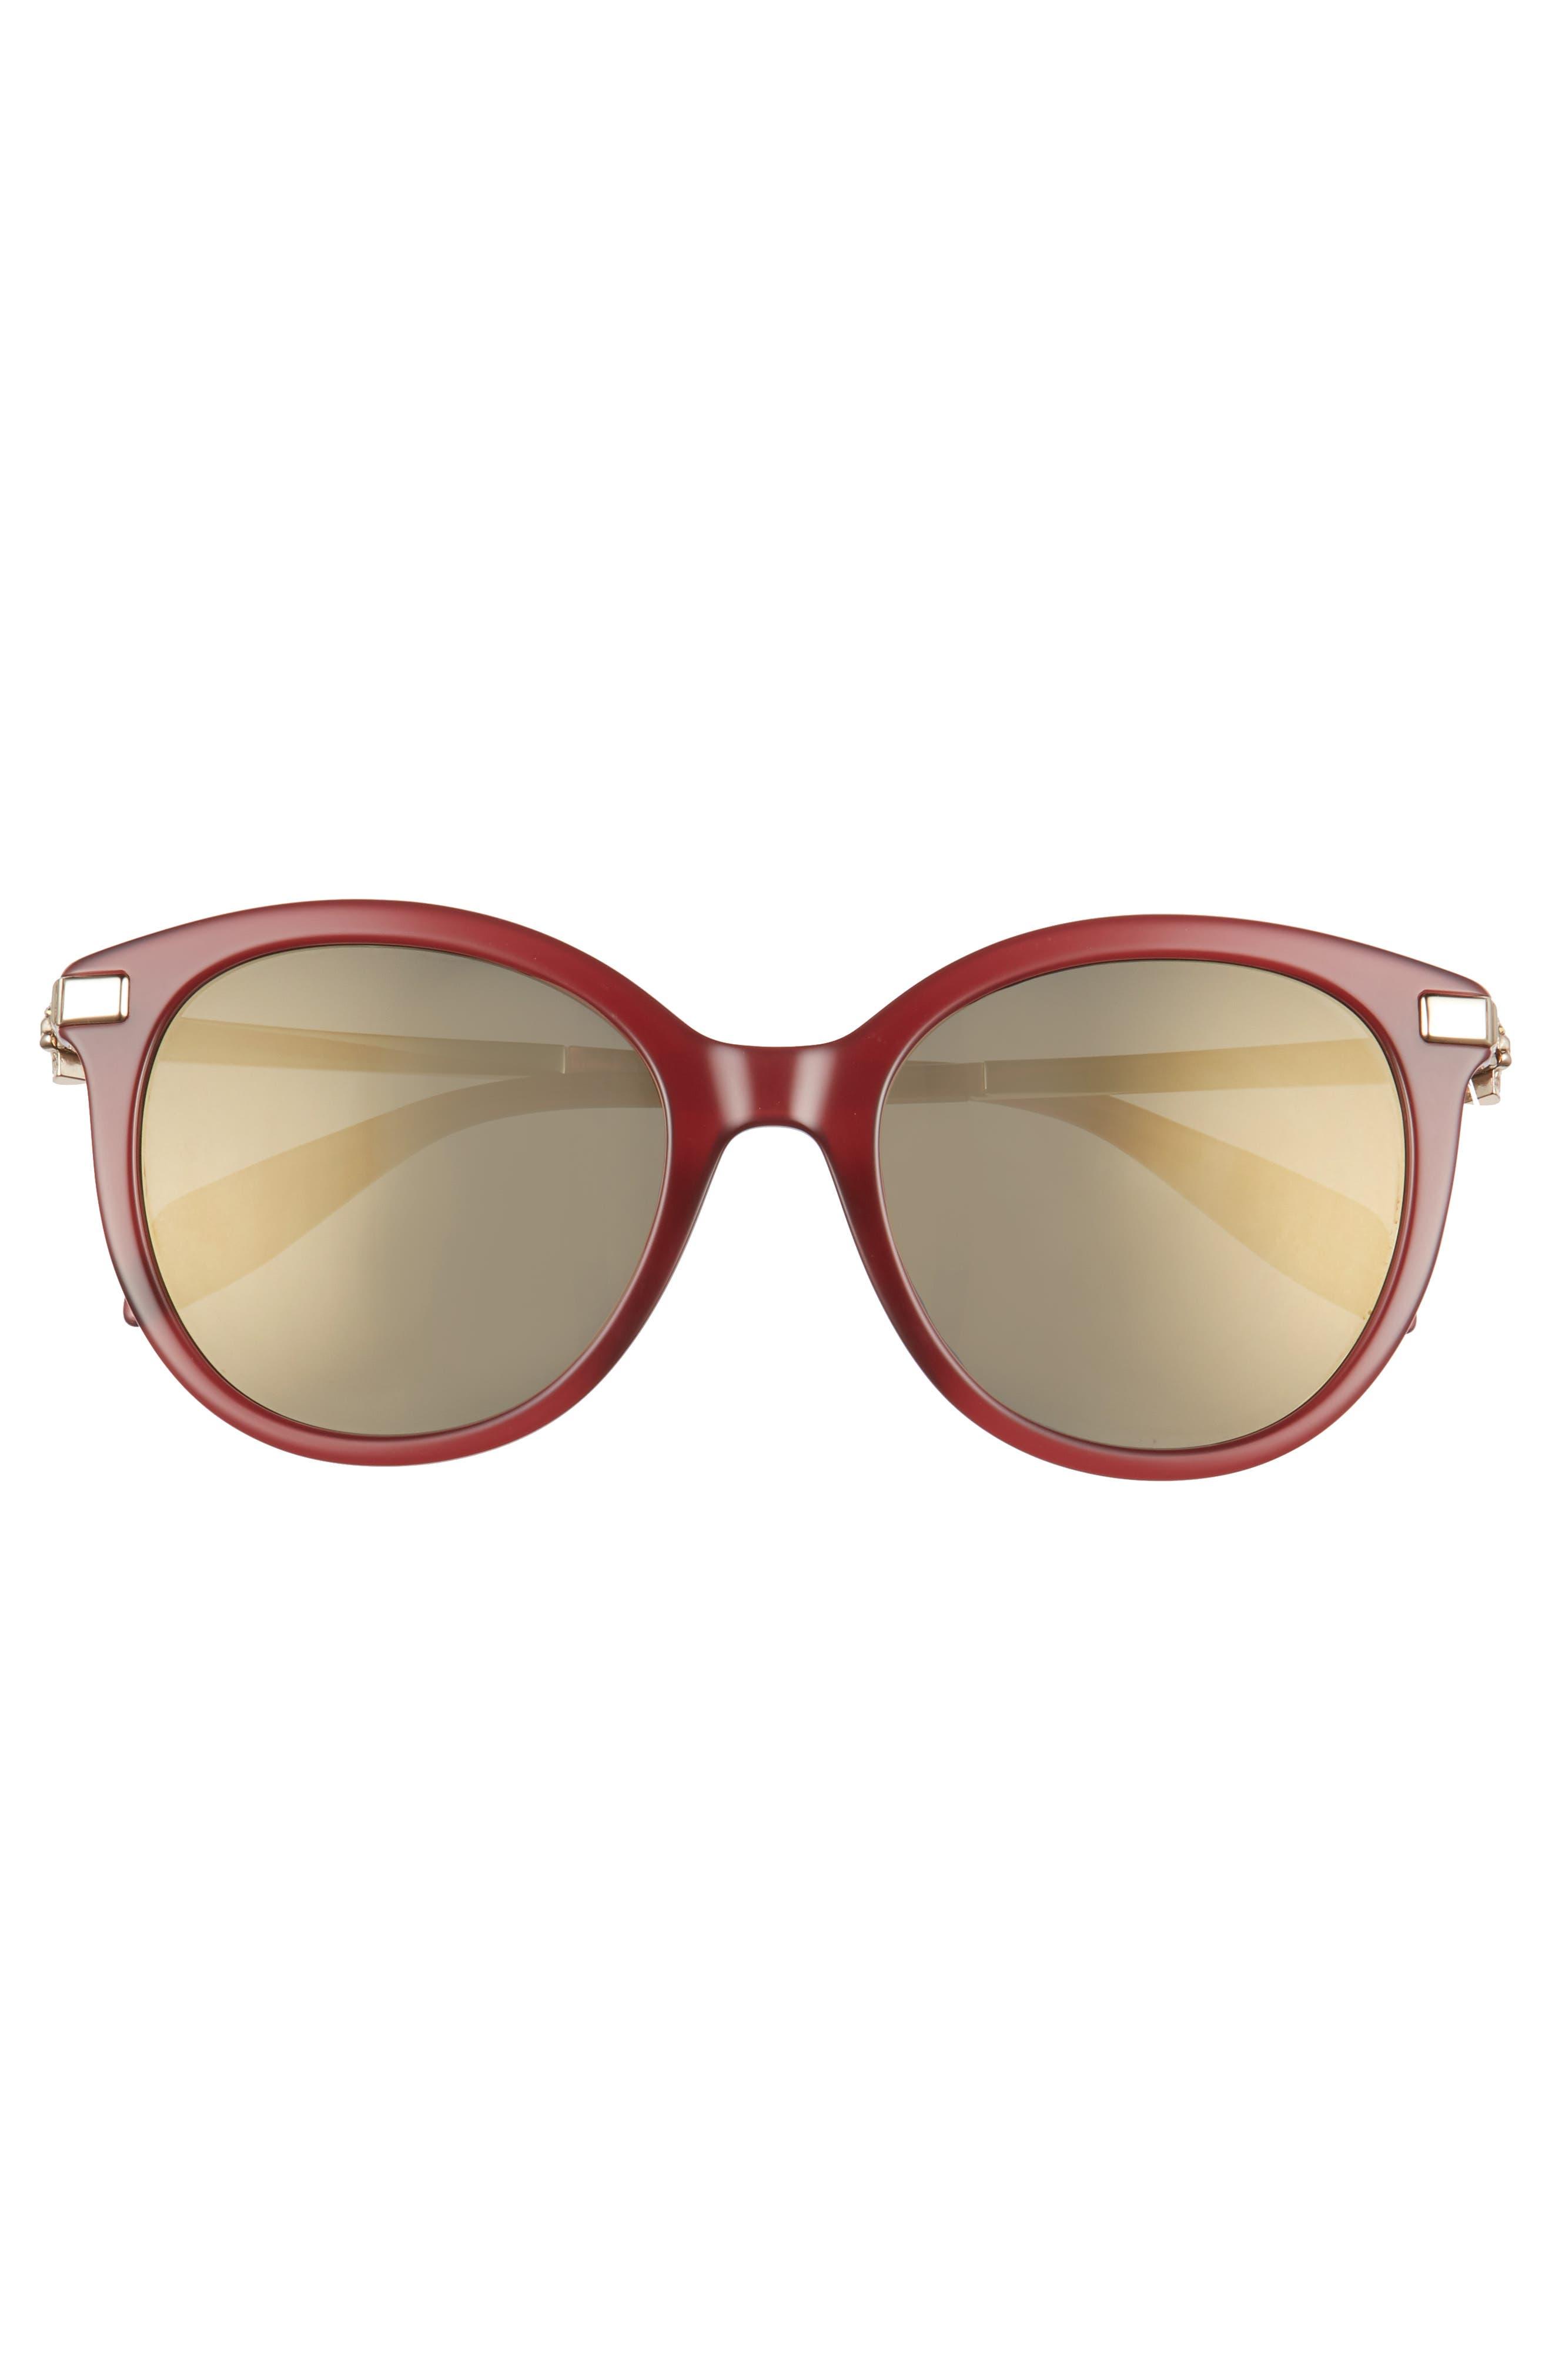 53mm Rounded Cat Eye Sunglasses,                             Alternate thumbnail 3, color,                             BURGUNDY